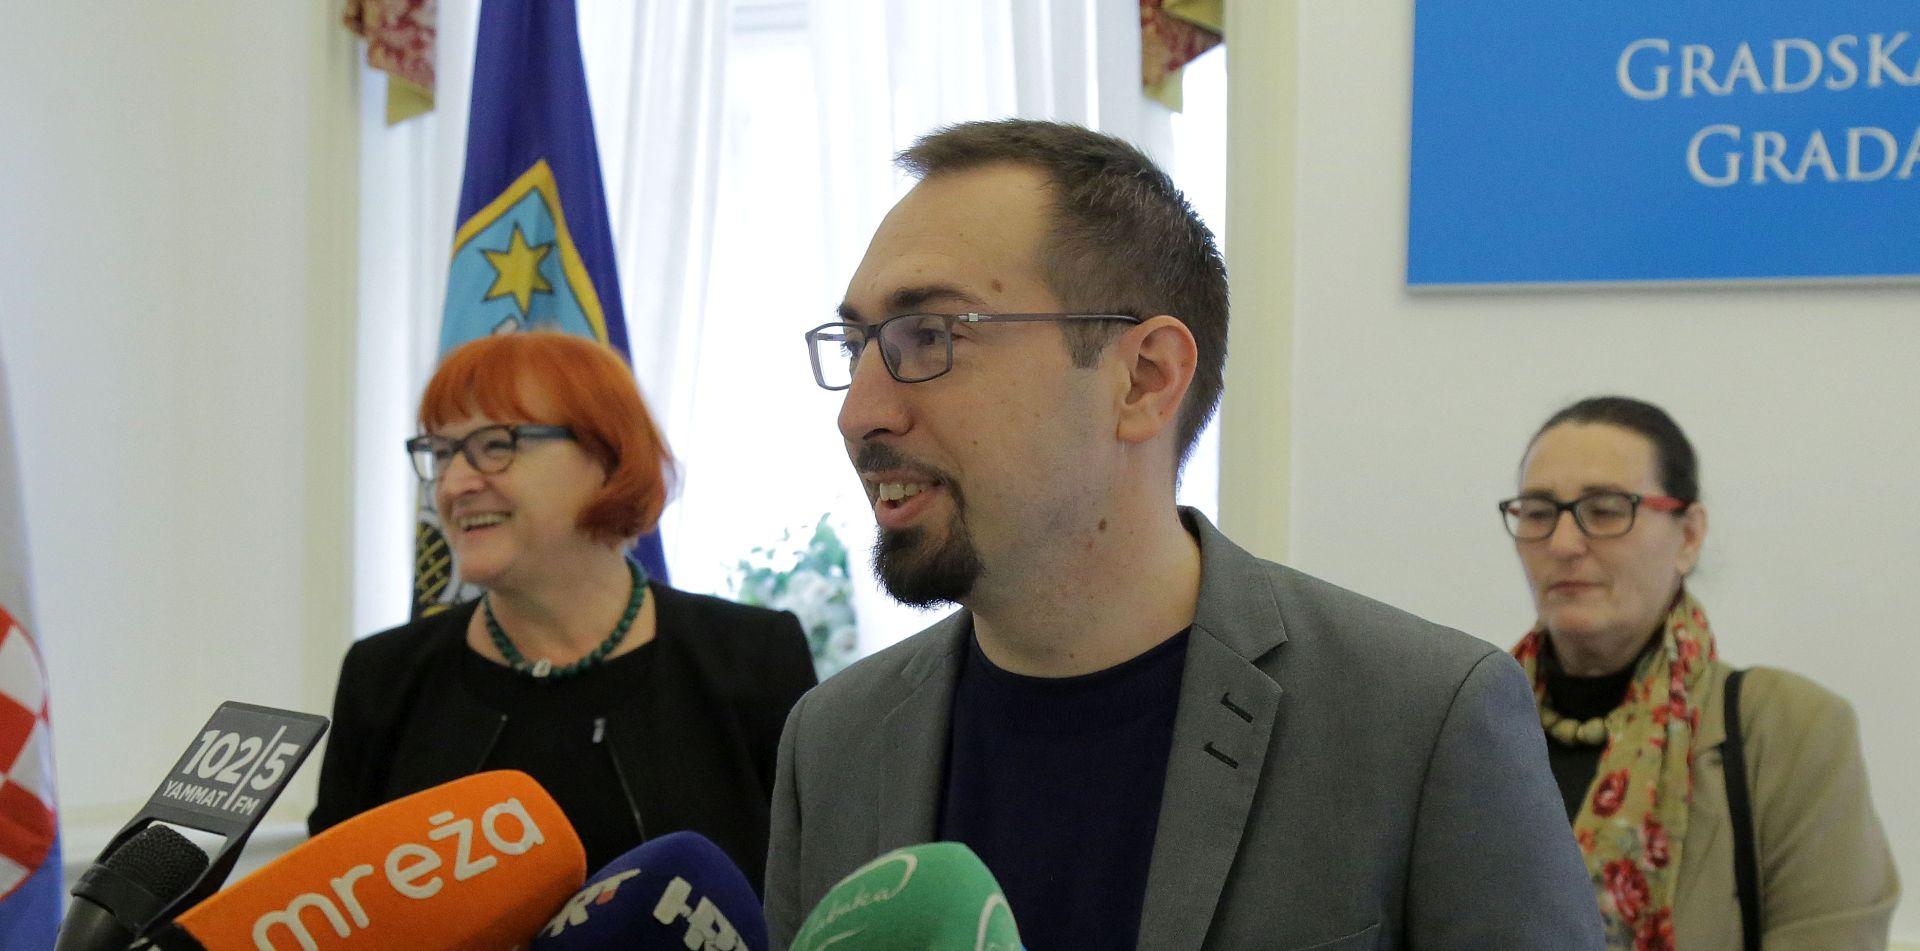 Bandić izmjenama statuta radi mini gradski udar na neovisnost Skupštine